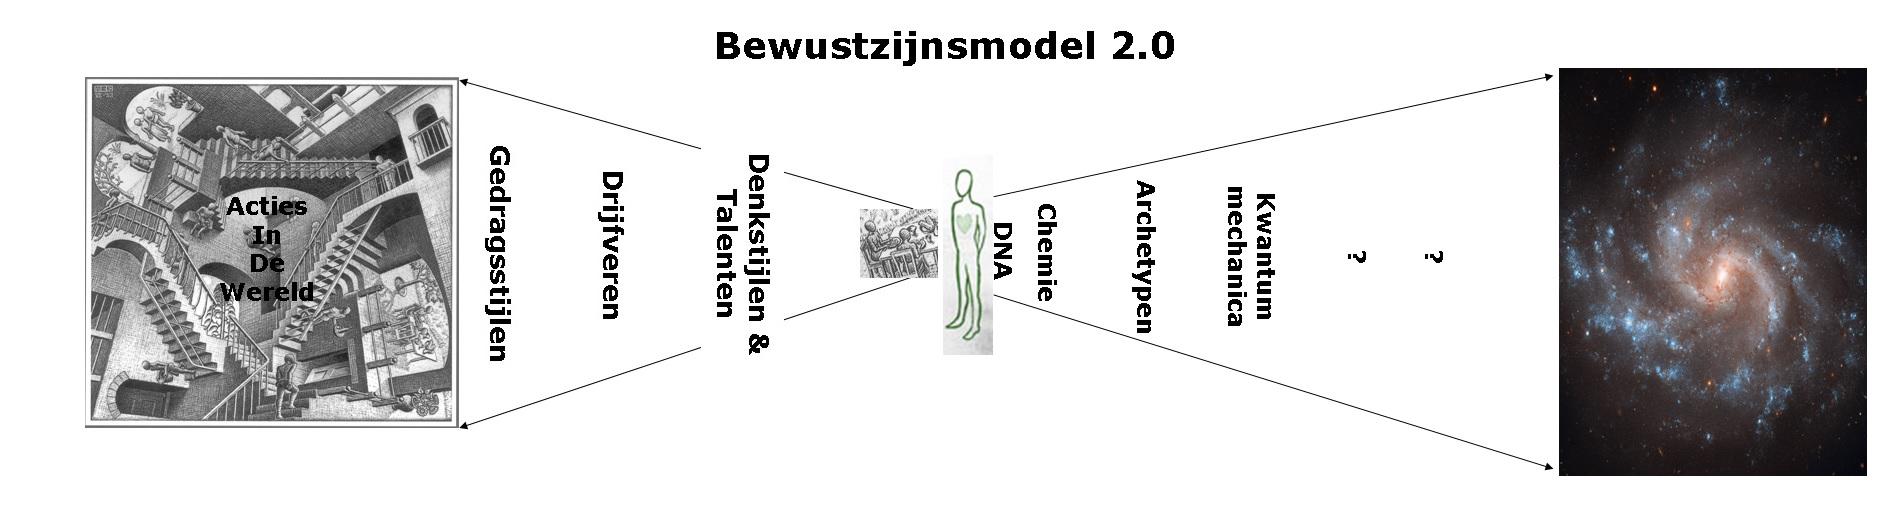 bewustzijnsmodel 2.0